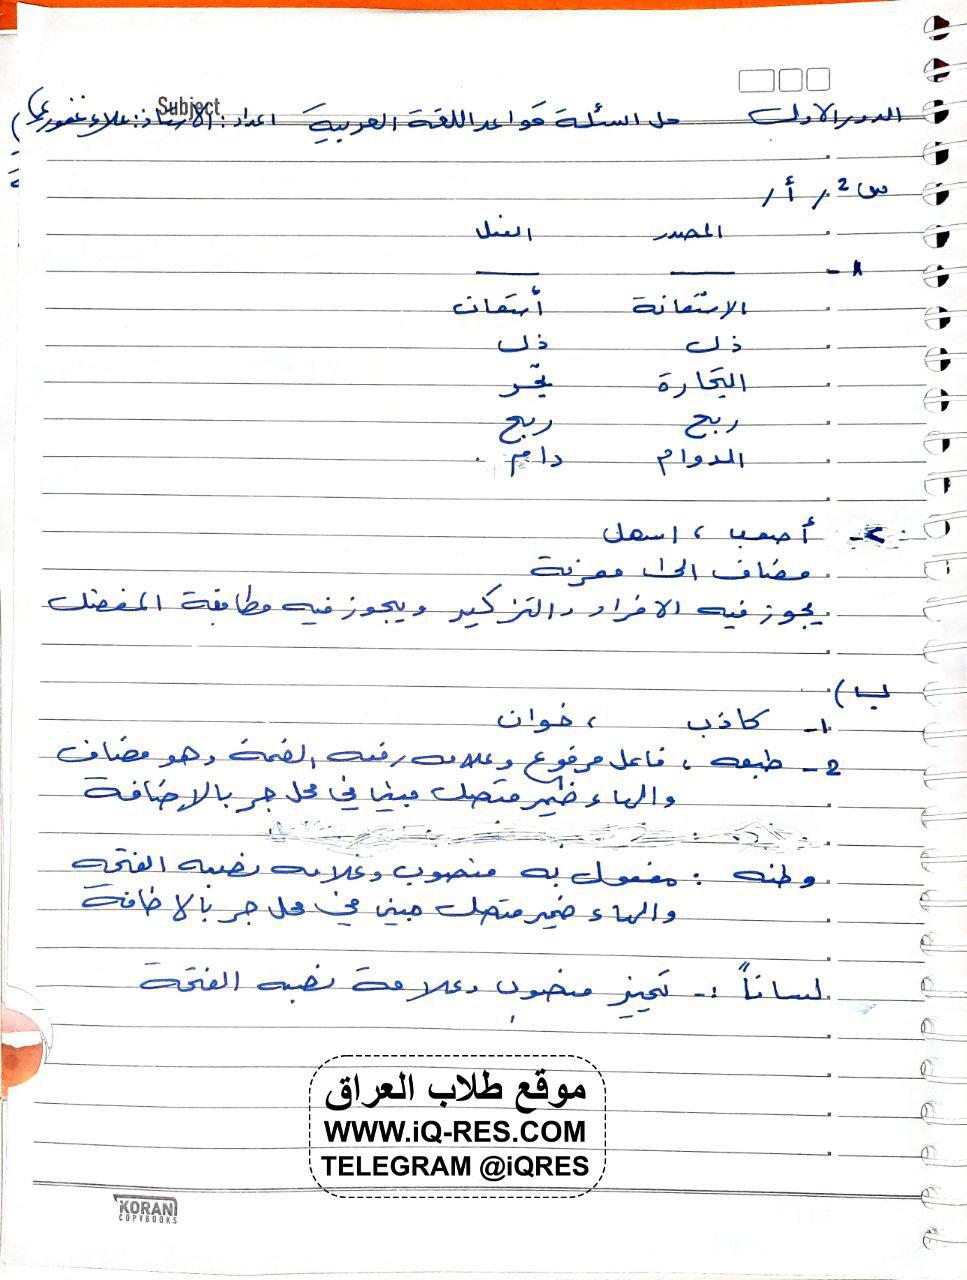 اسئلة مادة اللغة العربية للصف الثالث المتوسط 2021 الدور الاول مع الحل 210